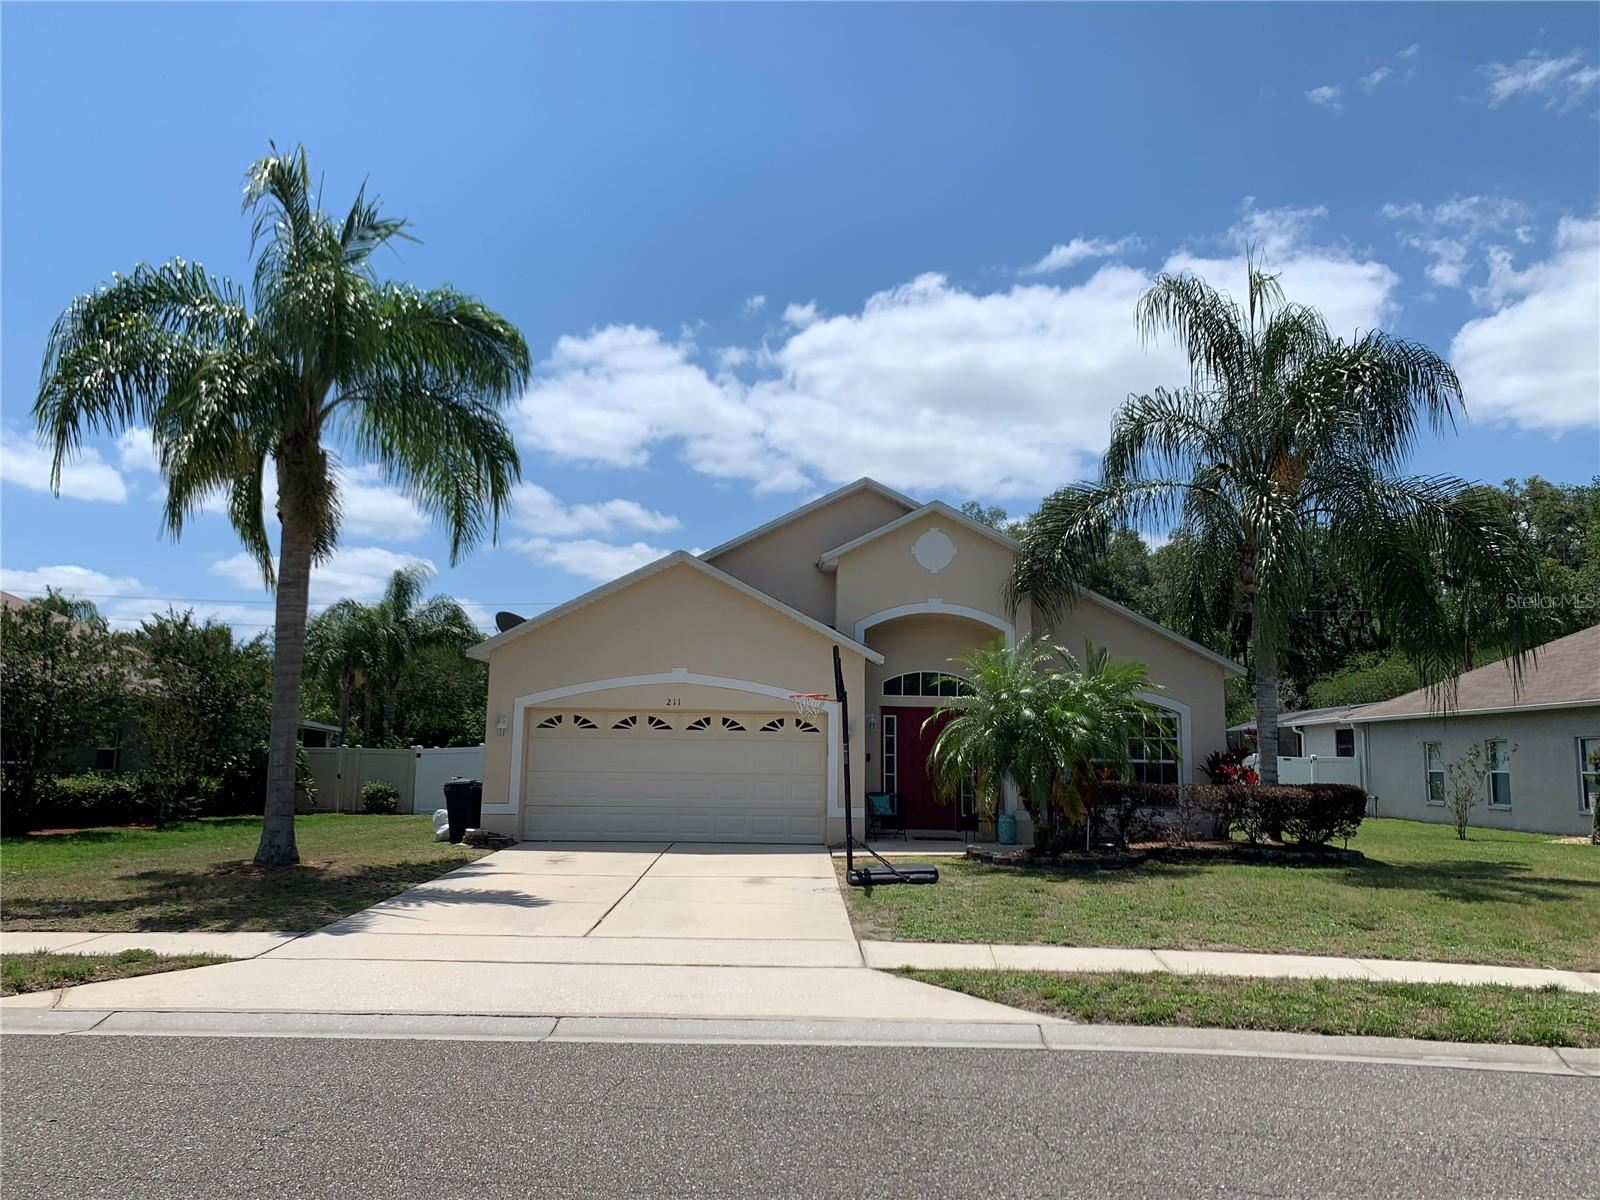 211 CLYDESDALE CIRCLE, Sanford, FL 32773 - #: V4920257